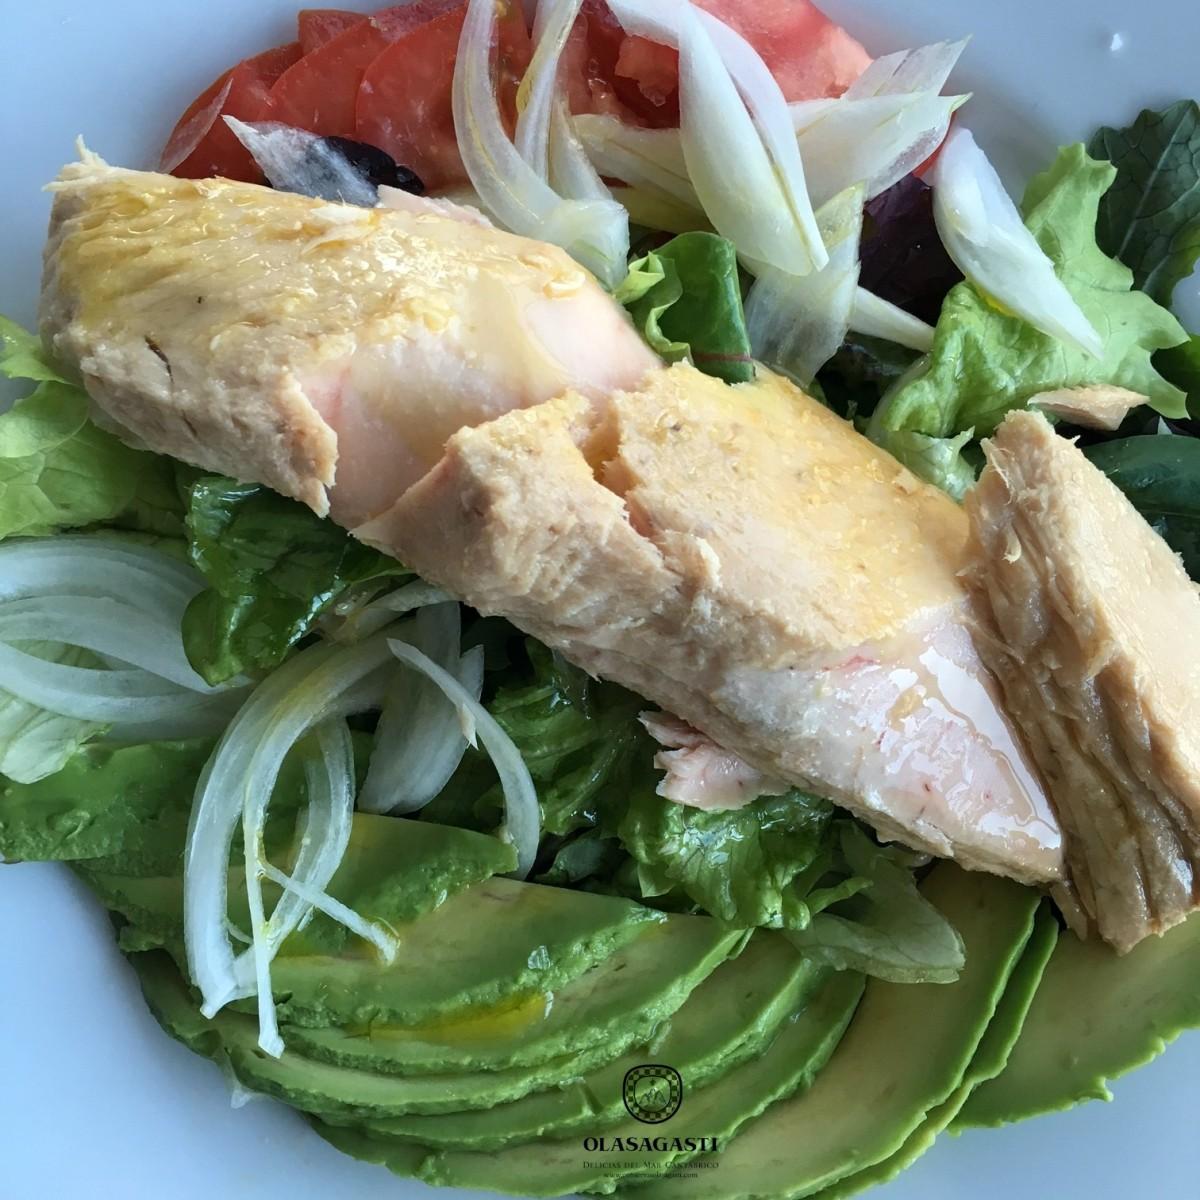 Lomos de bonito del norte en ensalada, una receta Olasagasti